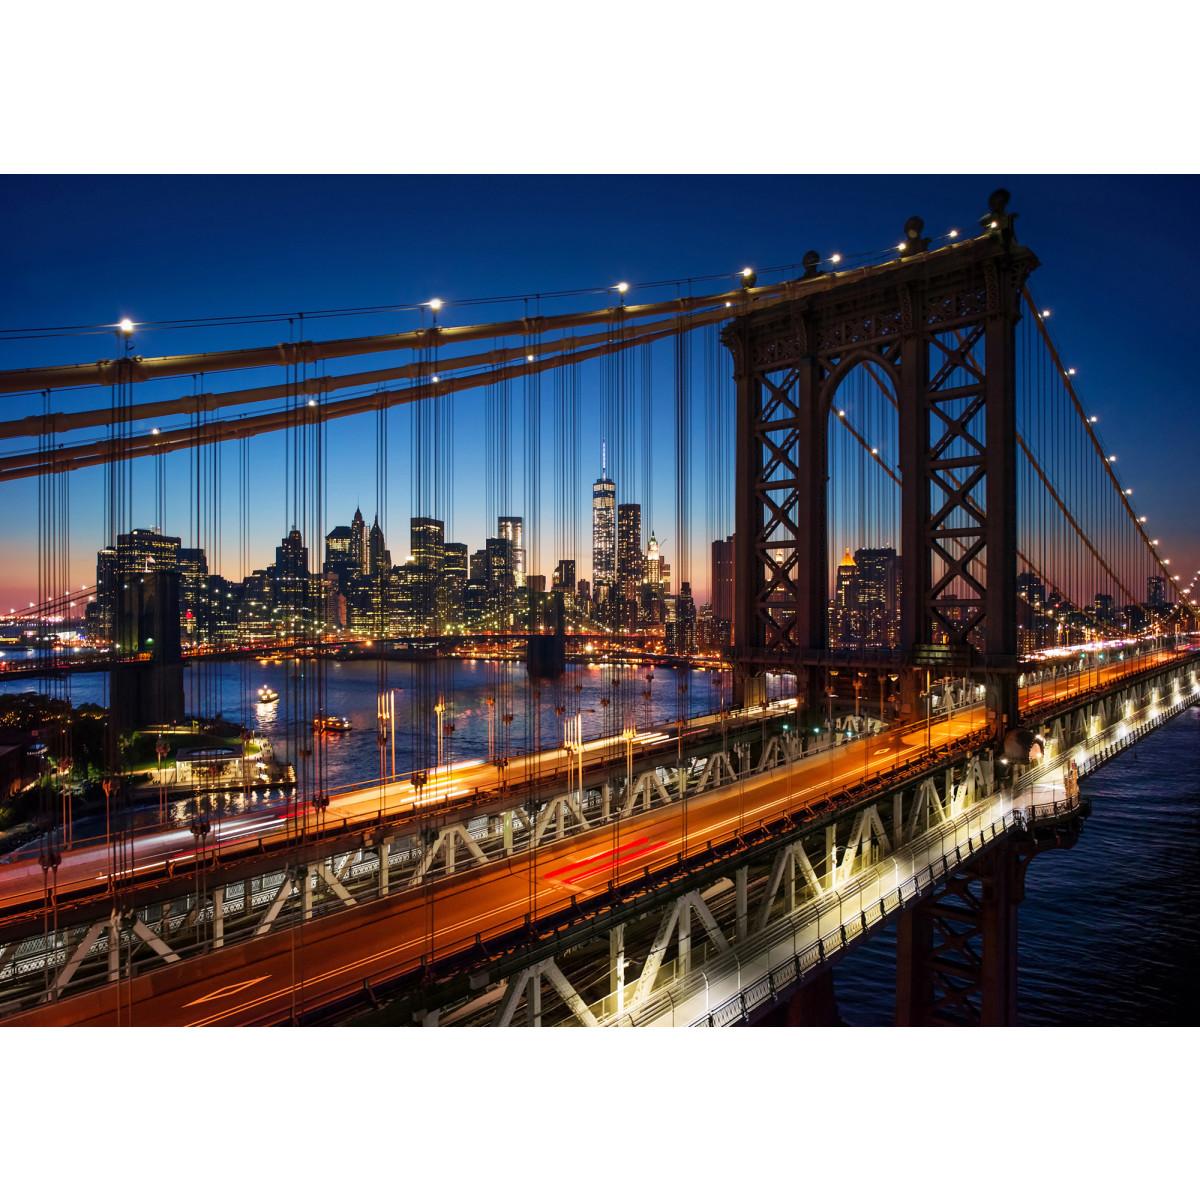 Фотообои Мир Ночной мост MIR-2008-V22 190х135 см